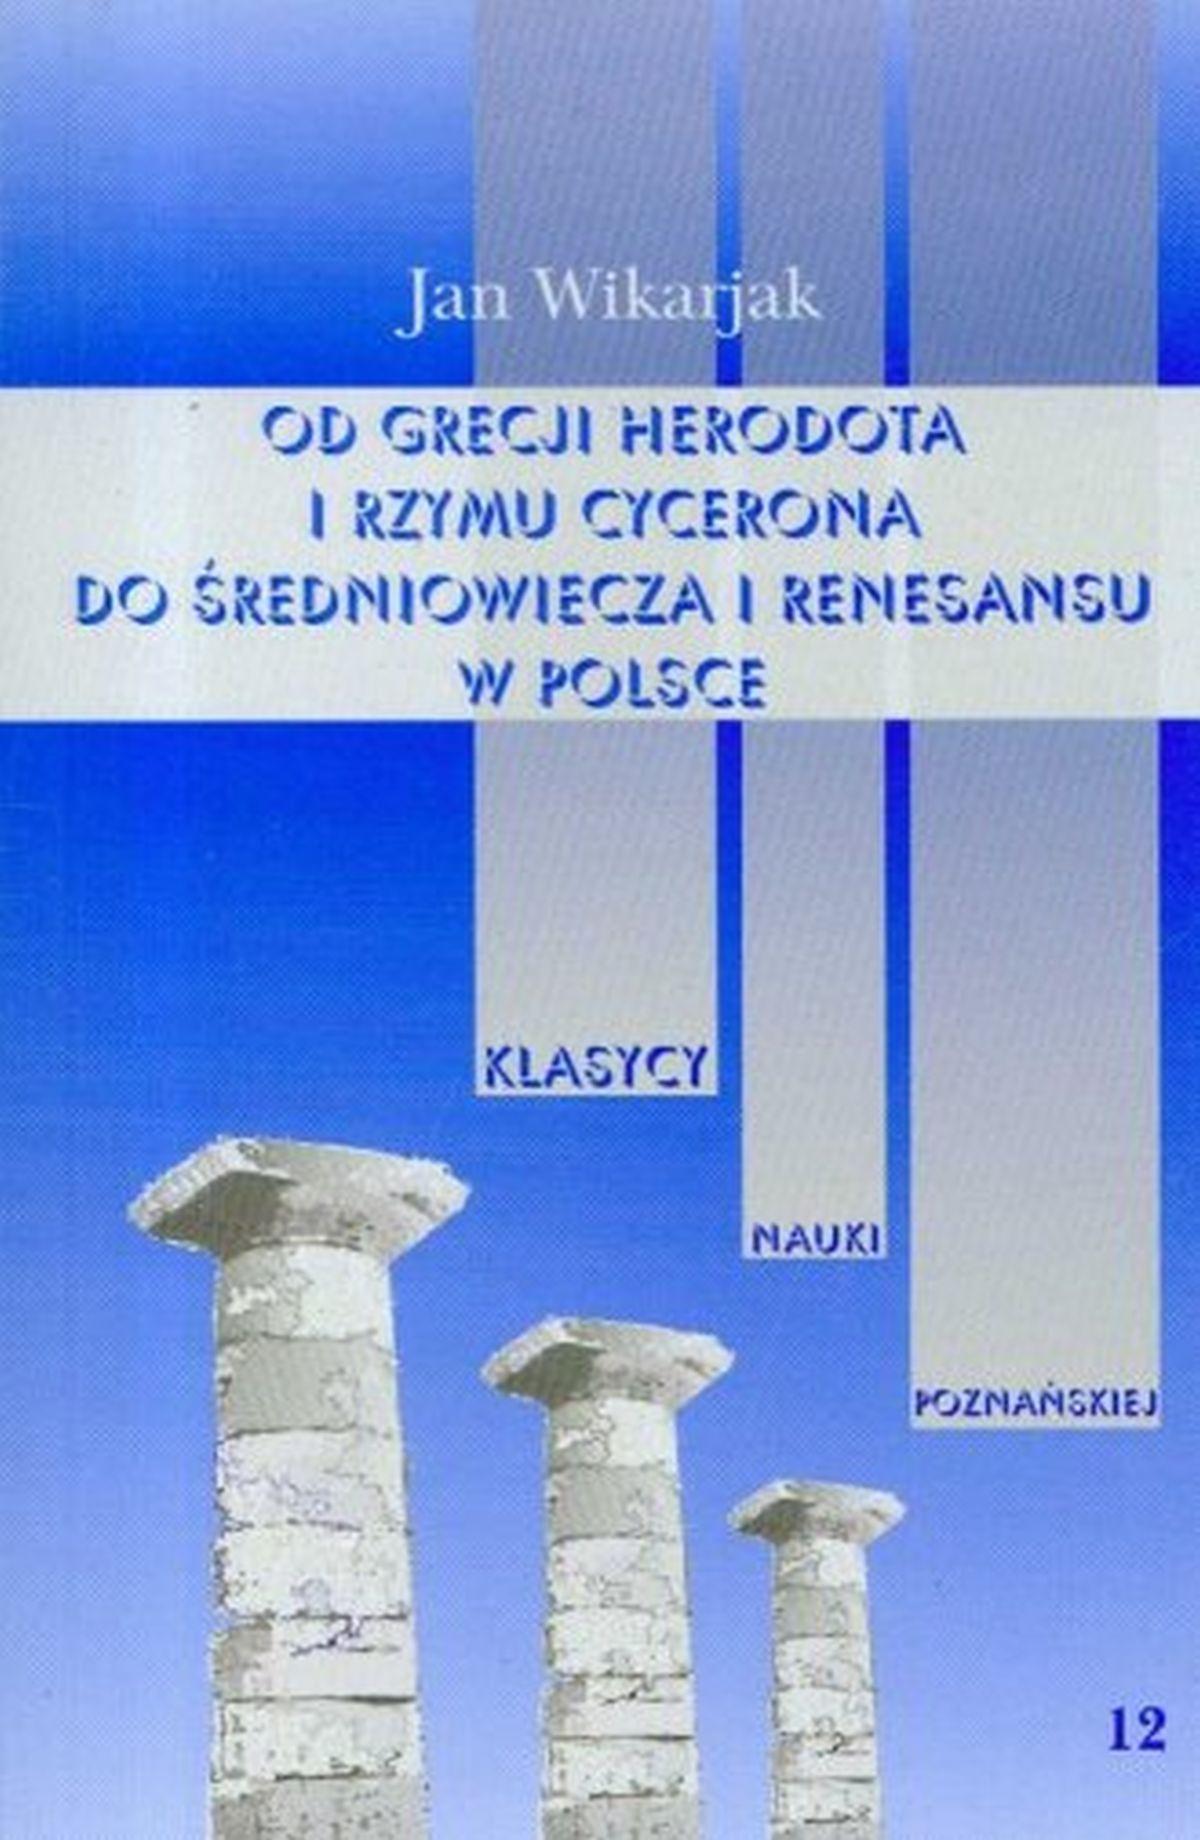 Od Grecji Herodota i Rzymu Cycerona do średniowiecza i renesansu w Polsce